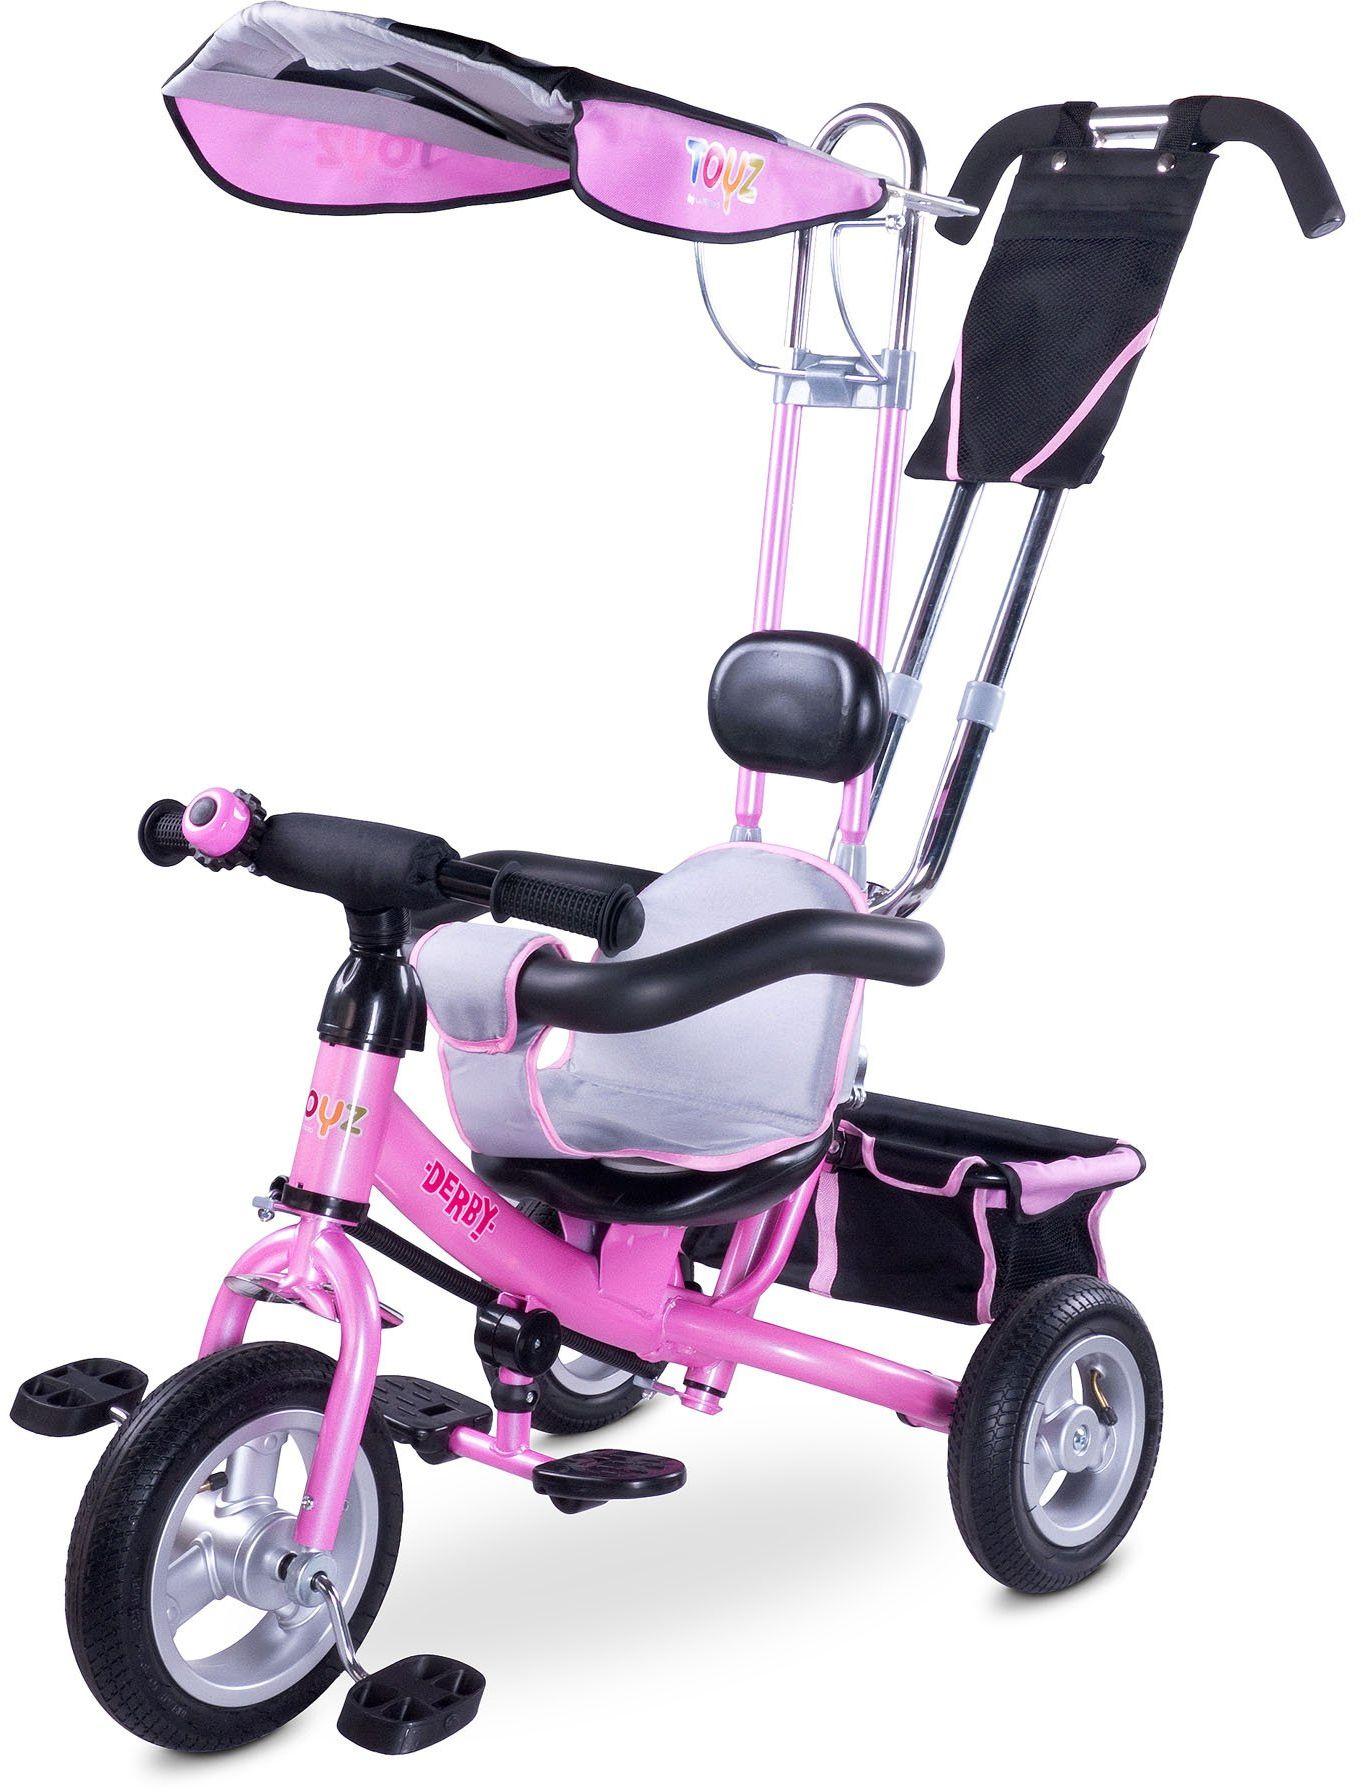 Toyz Derby, 3 w 1 wielofunkcyjny rower trójkołowy, różowy